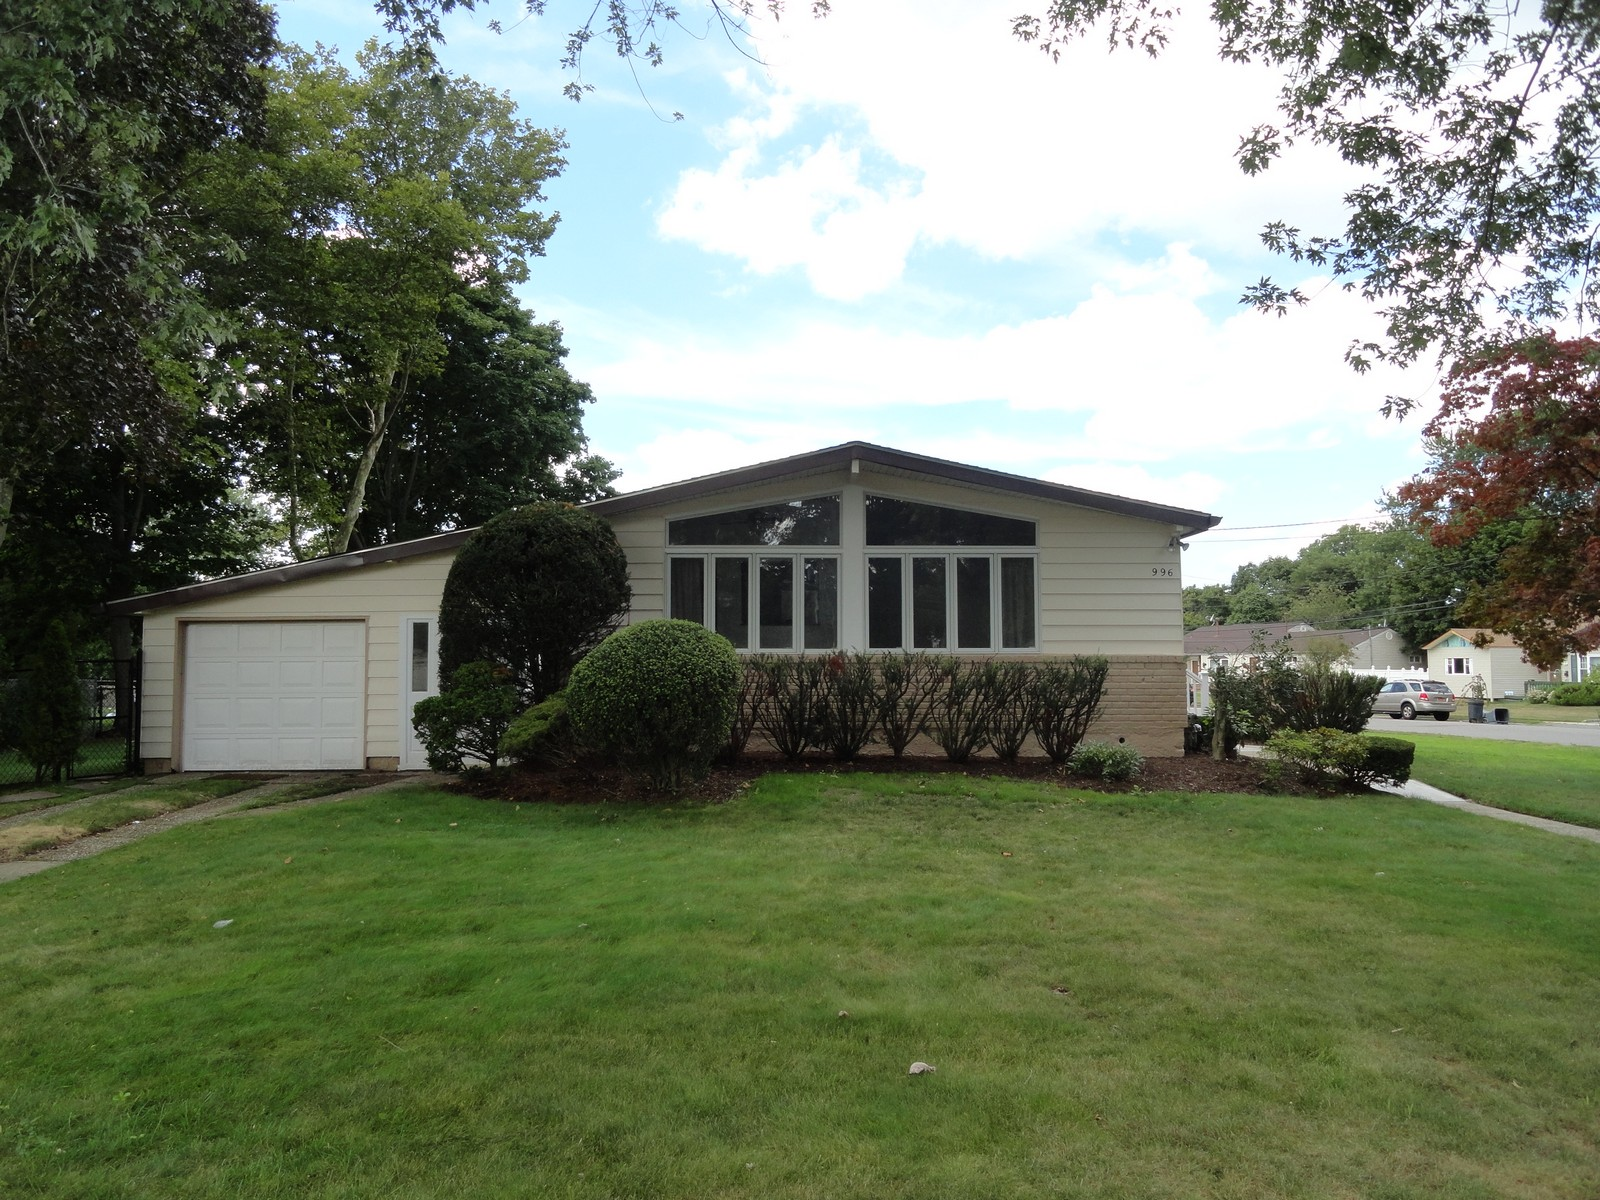 단독 가정 주택 용 매매 에 Ranch 2 Strathmore Dr North Babylon, 뉴욕 11703 미국